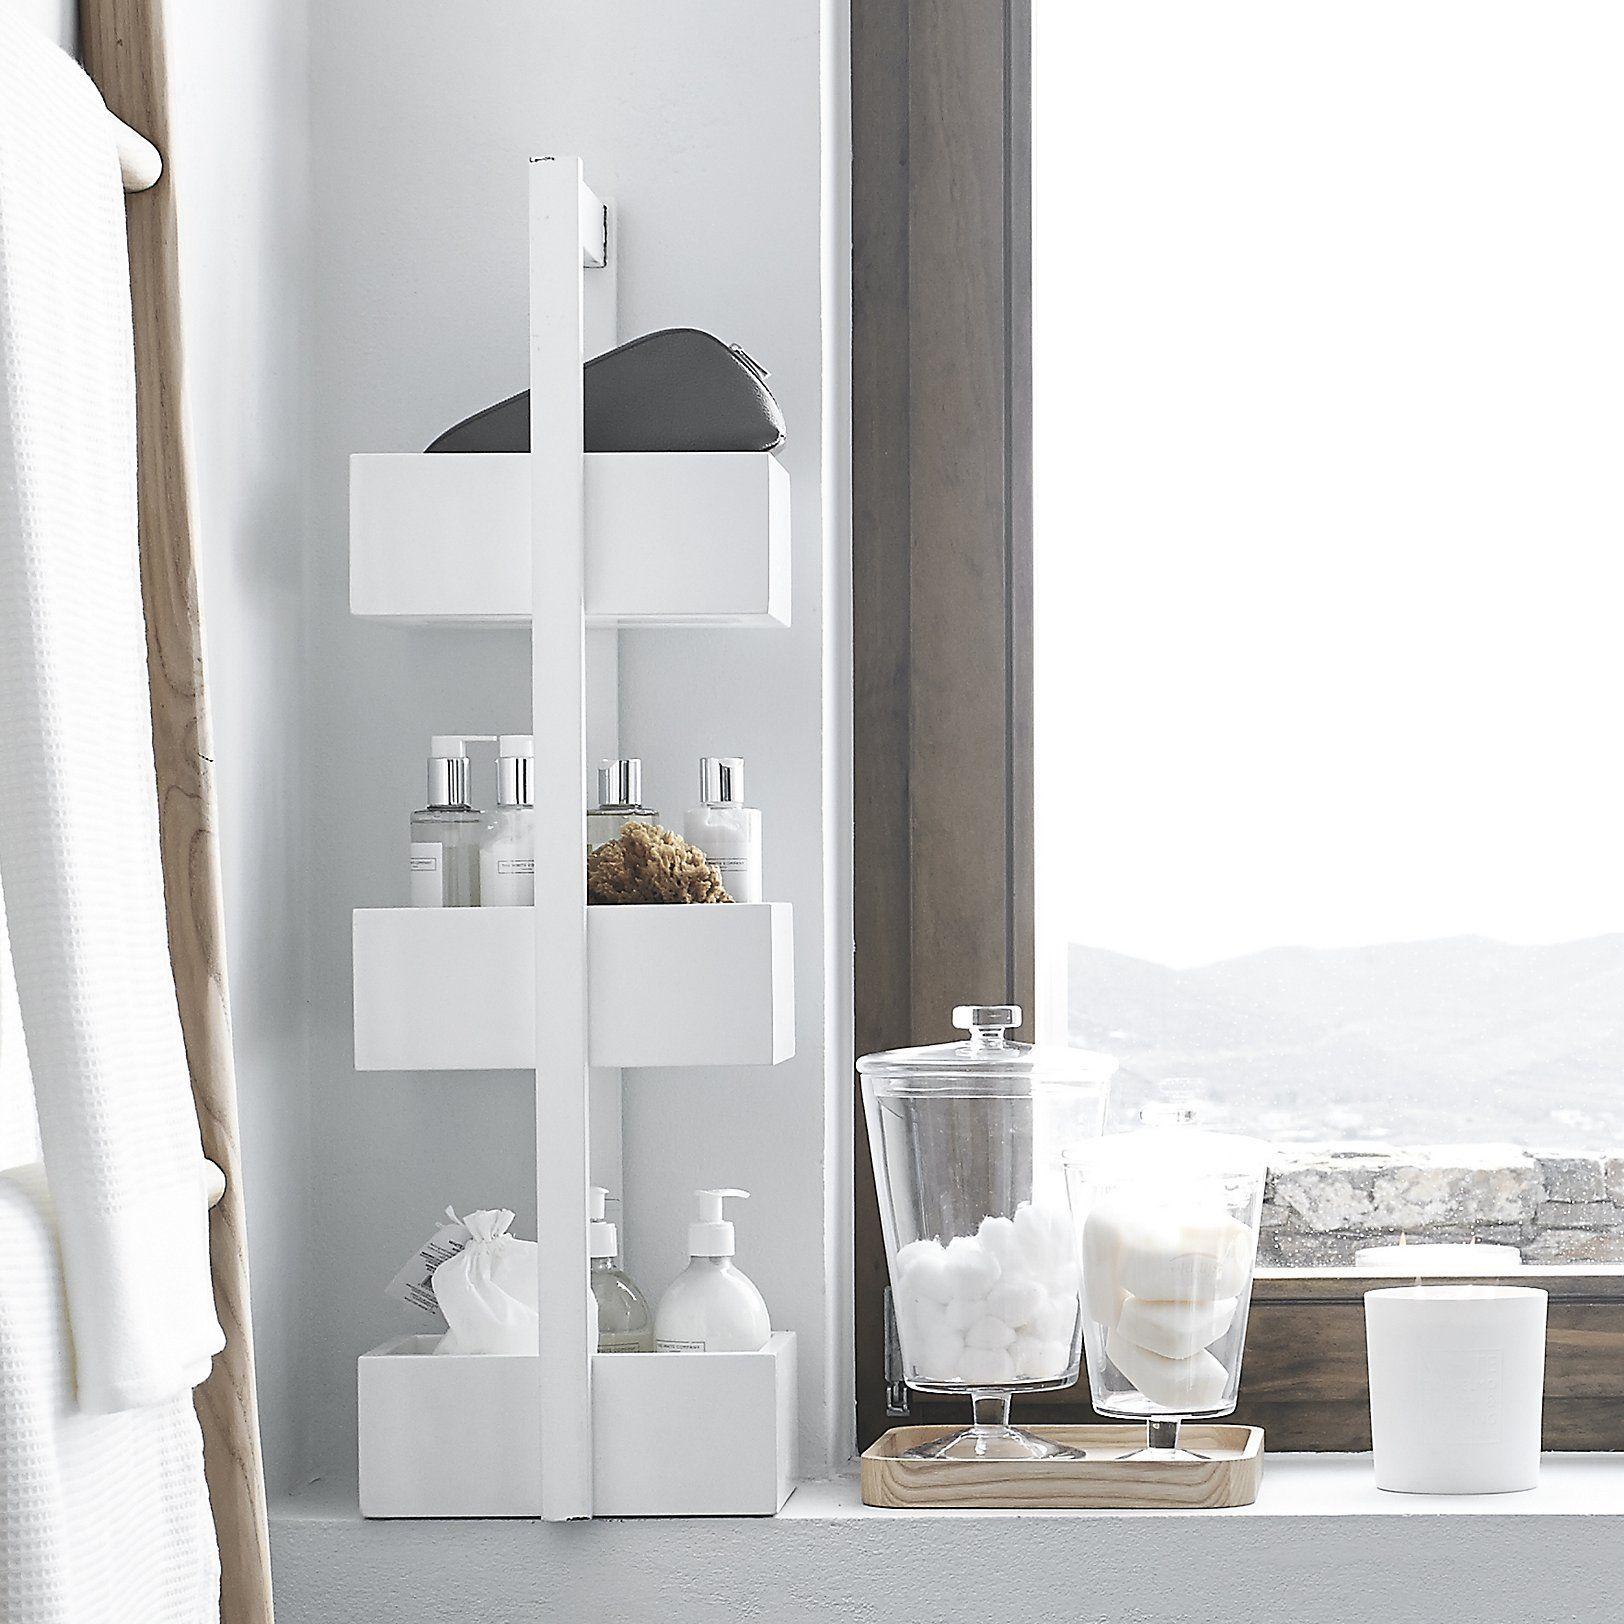 Bathroom Caddy | Bathroom caddy, White company and Bathroom furniture